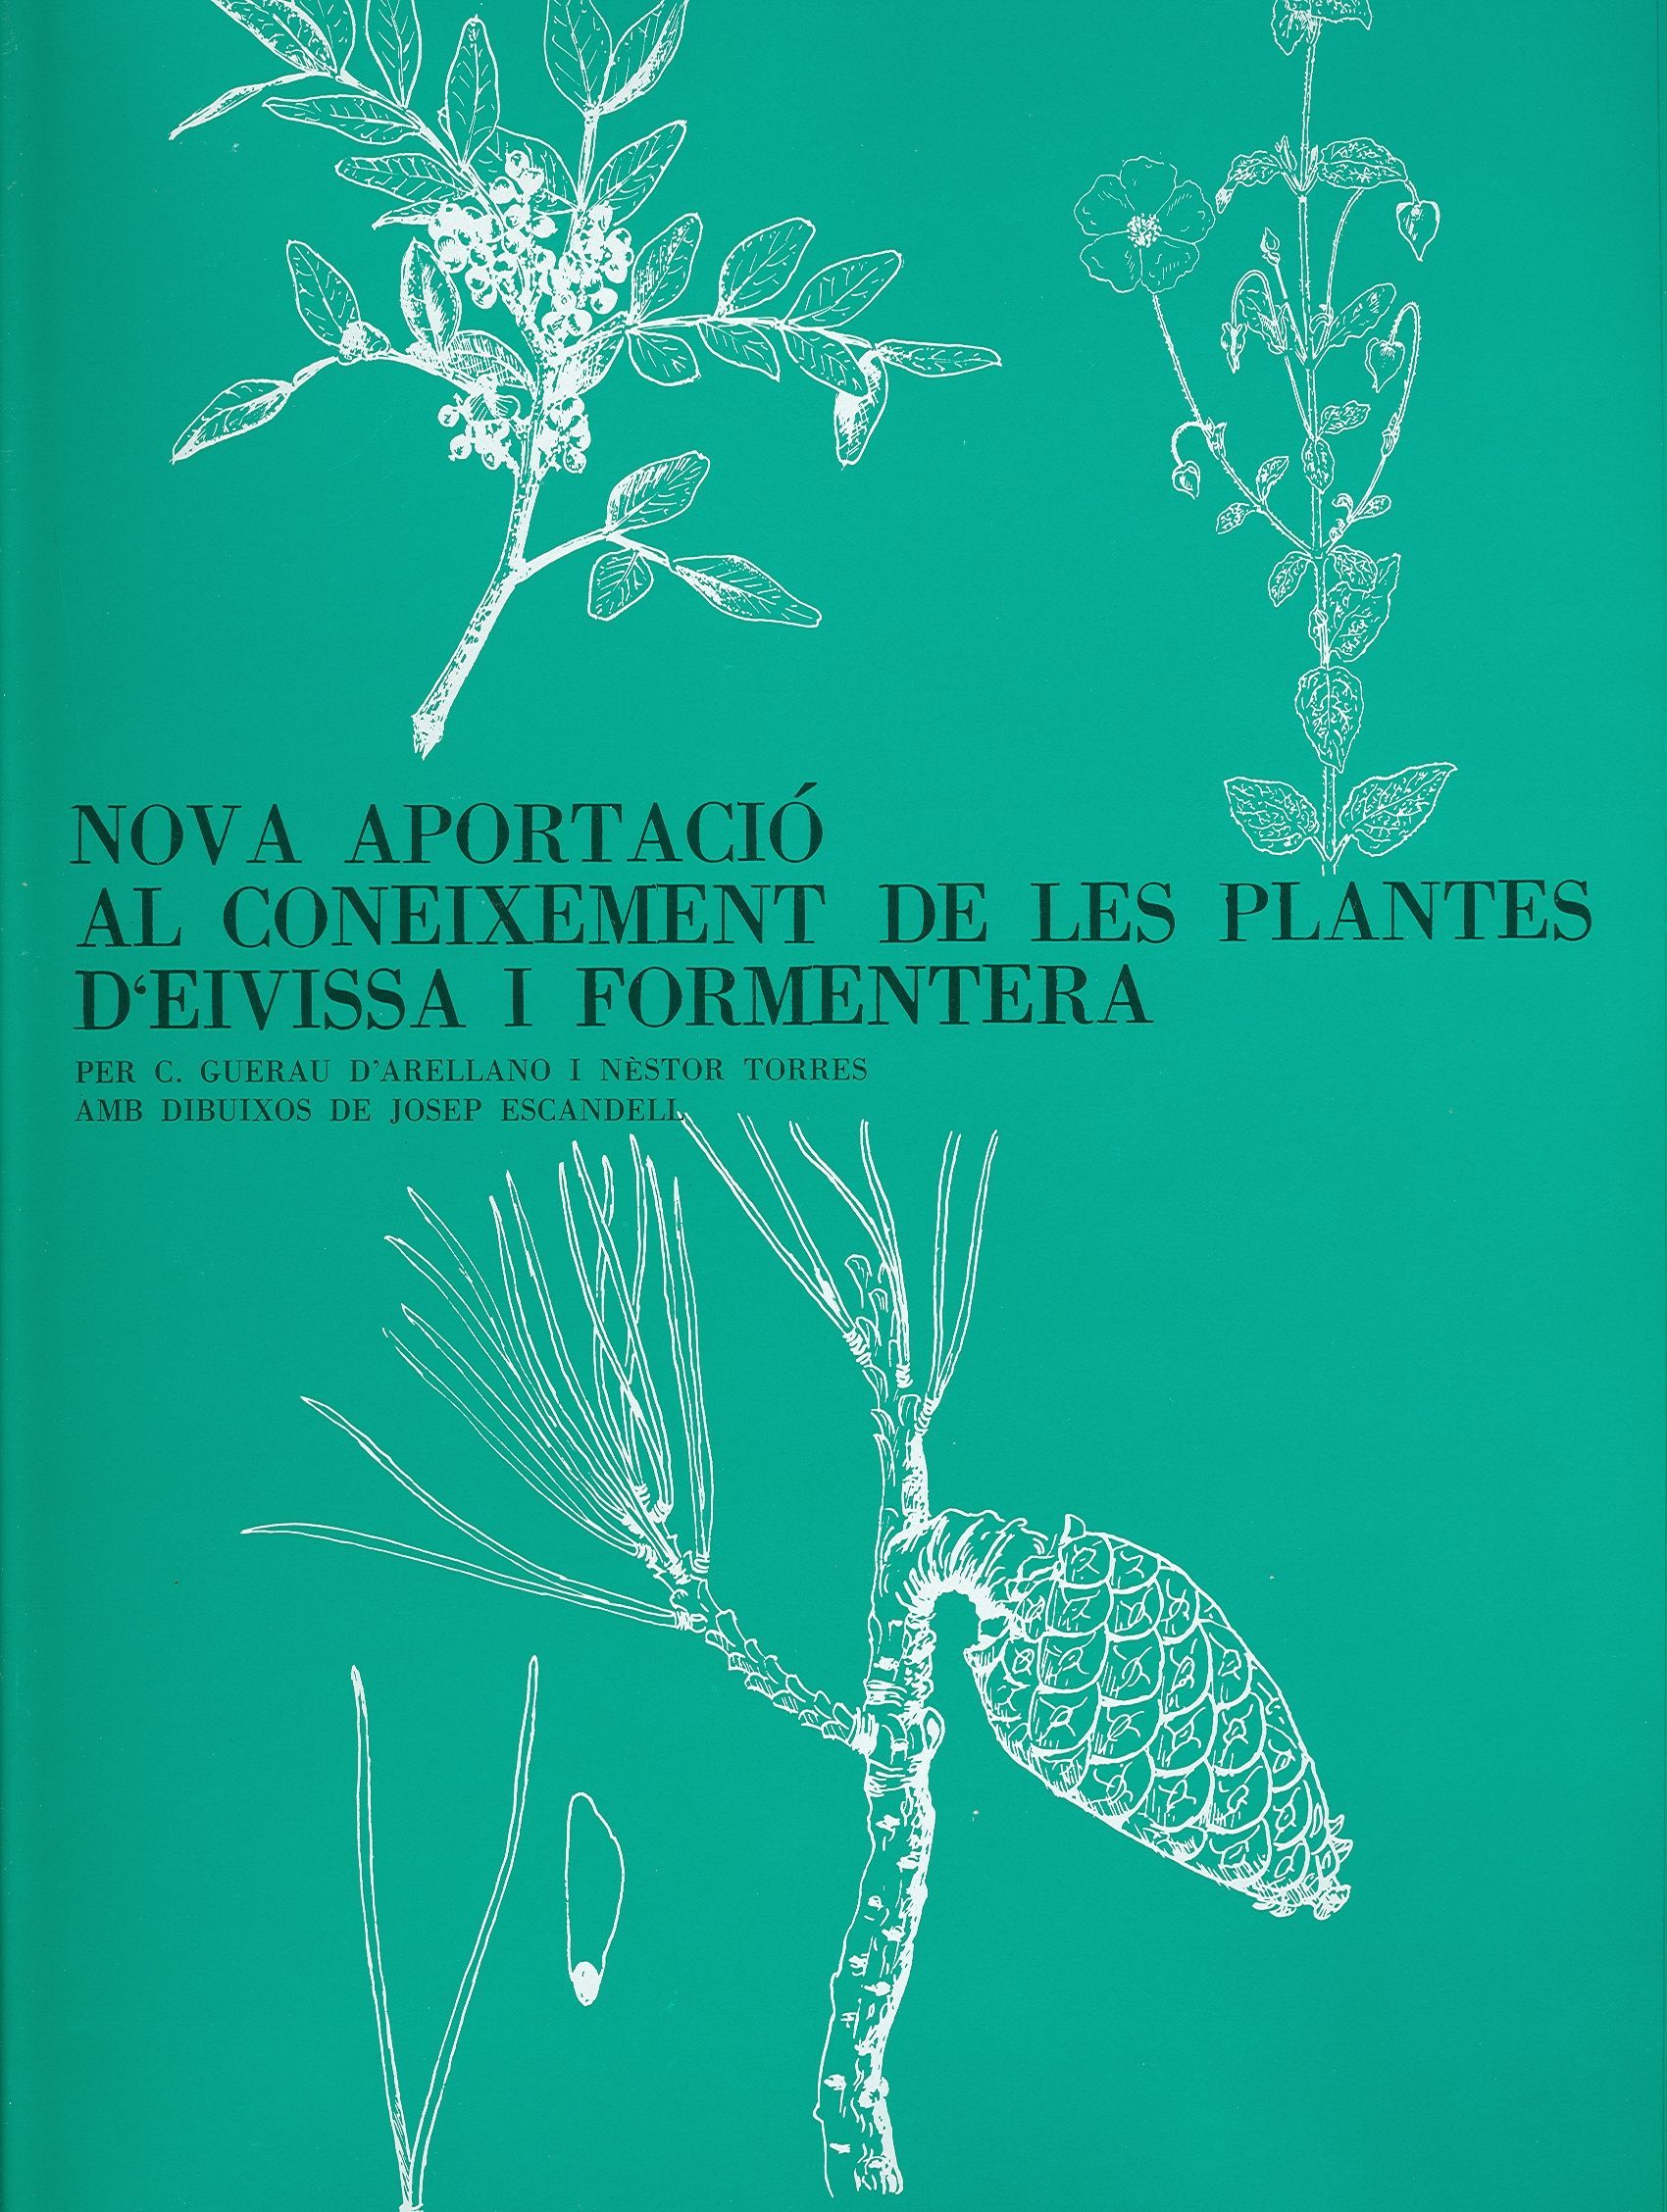 Nova aportació al coneixement de les plantes Eivissa  Formentera